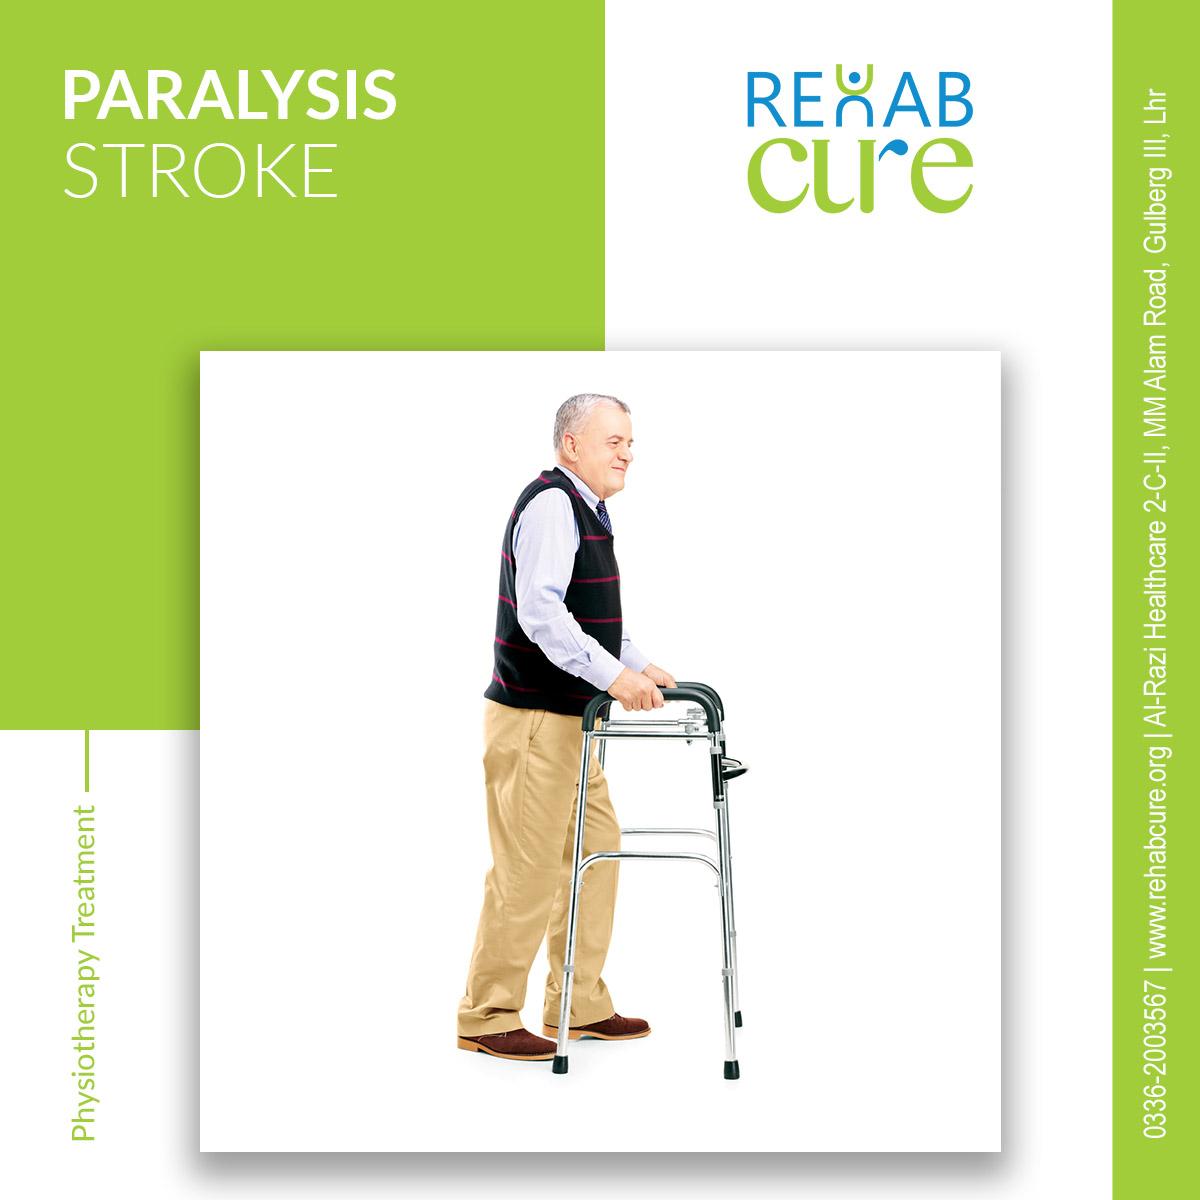 causes-symptoms-diagnosis-treatment-of-Paralysis-Stroke